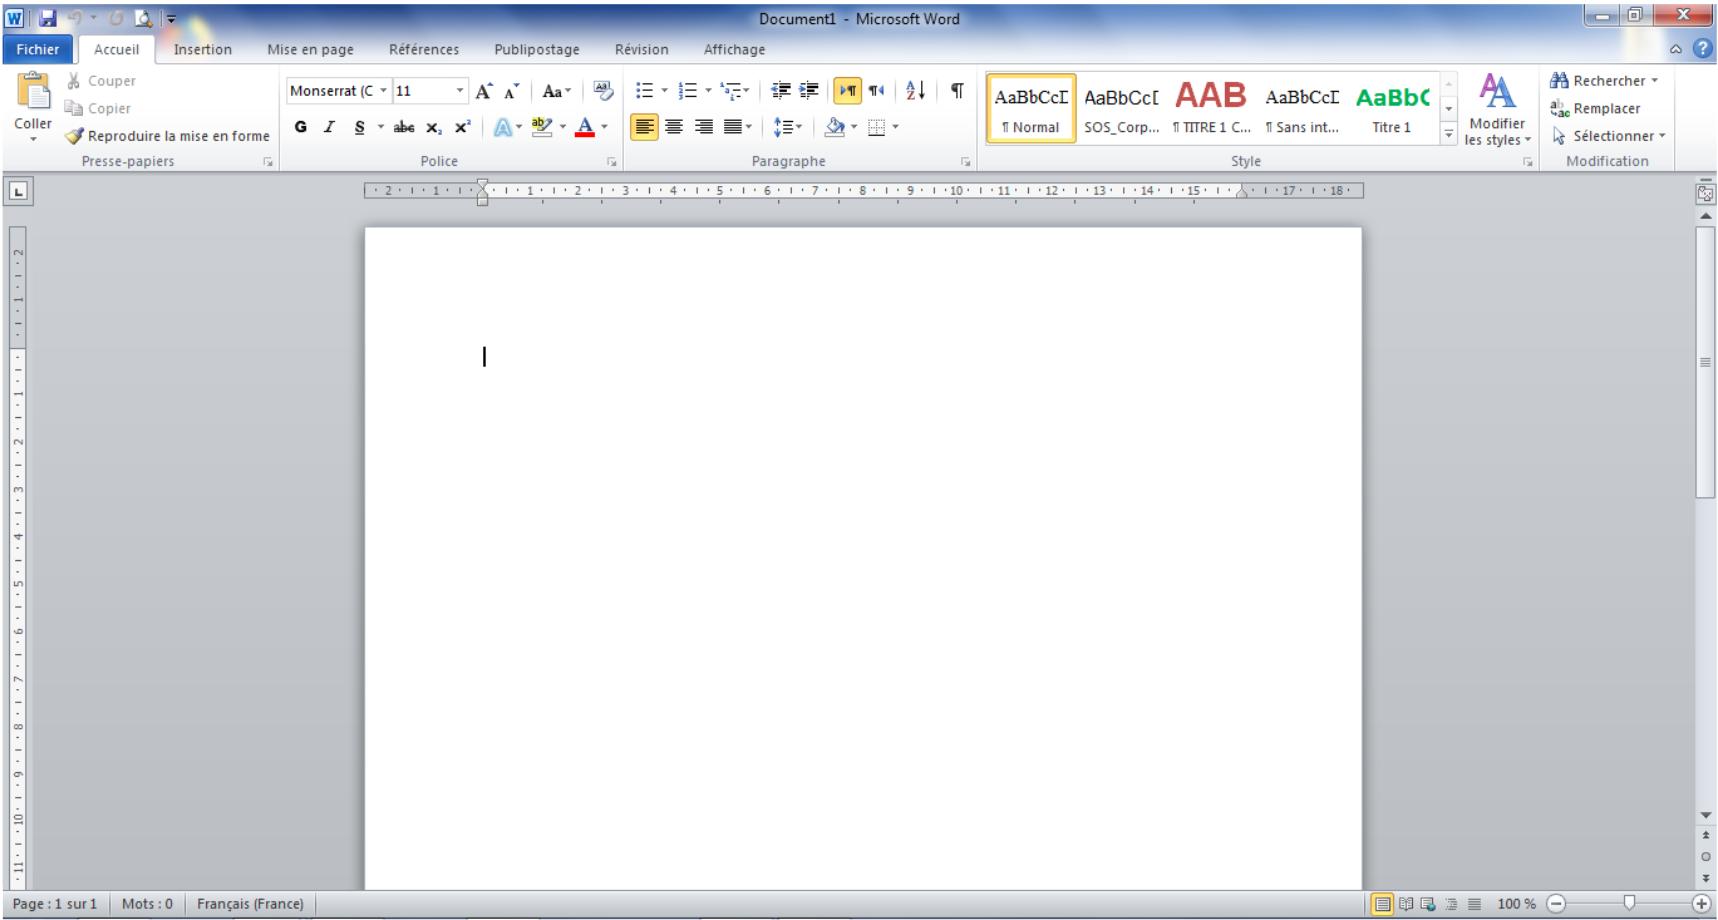 L'interface de Microsoft Word